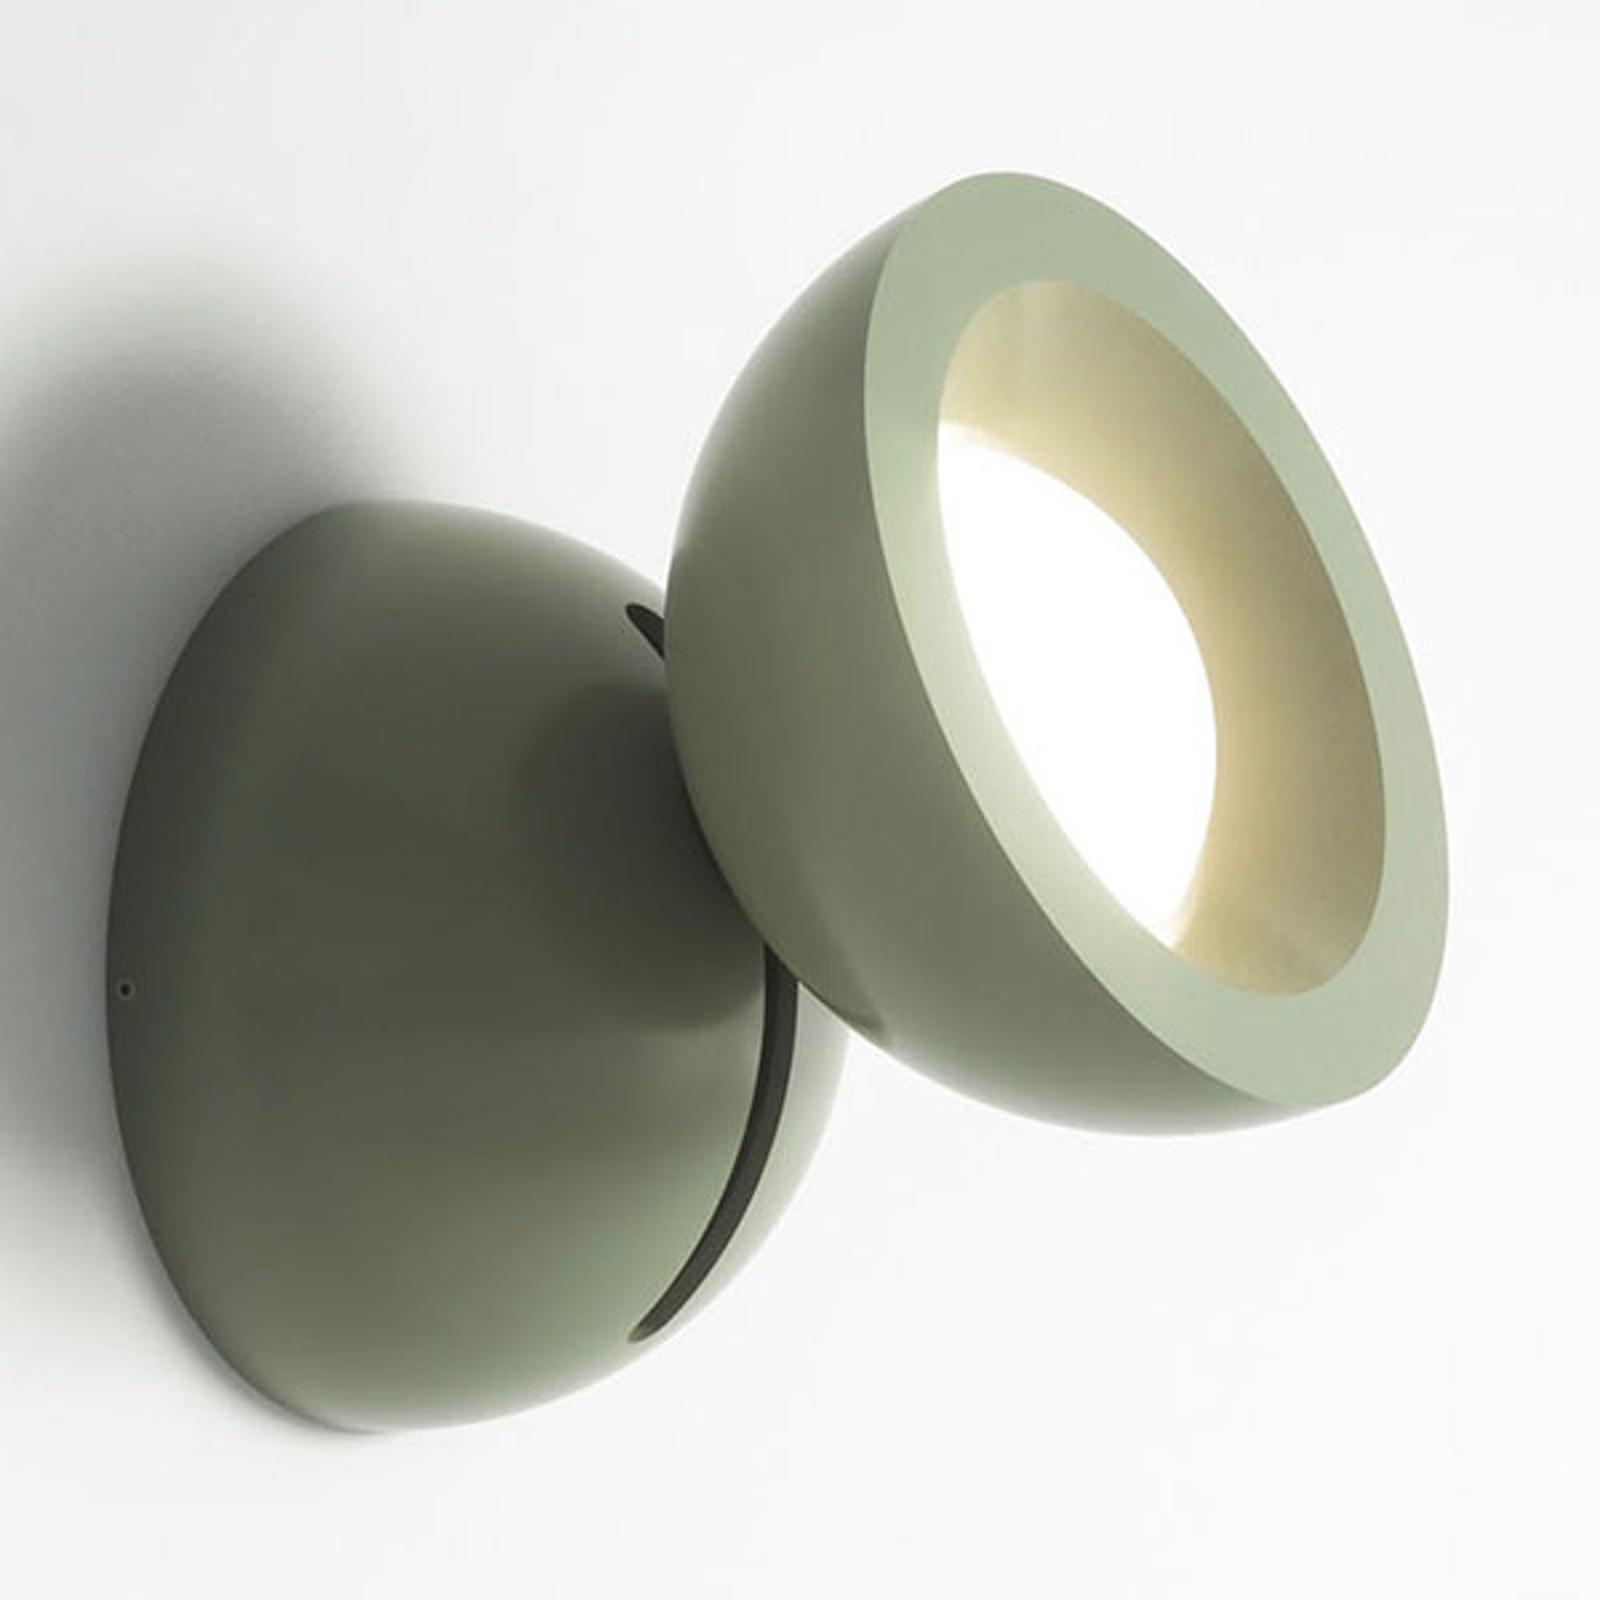 Axolight DoDot LED-Wandleuchte, grün 35°